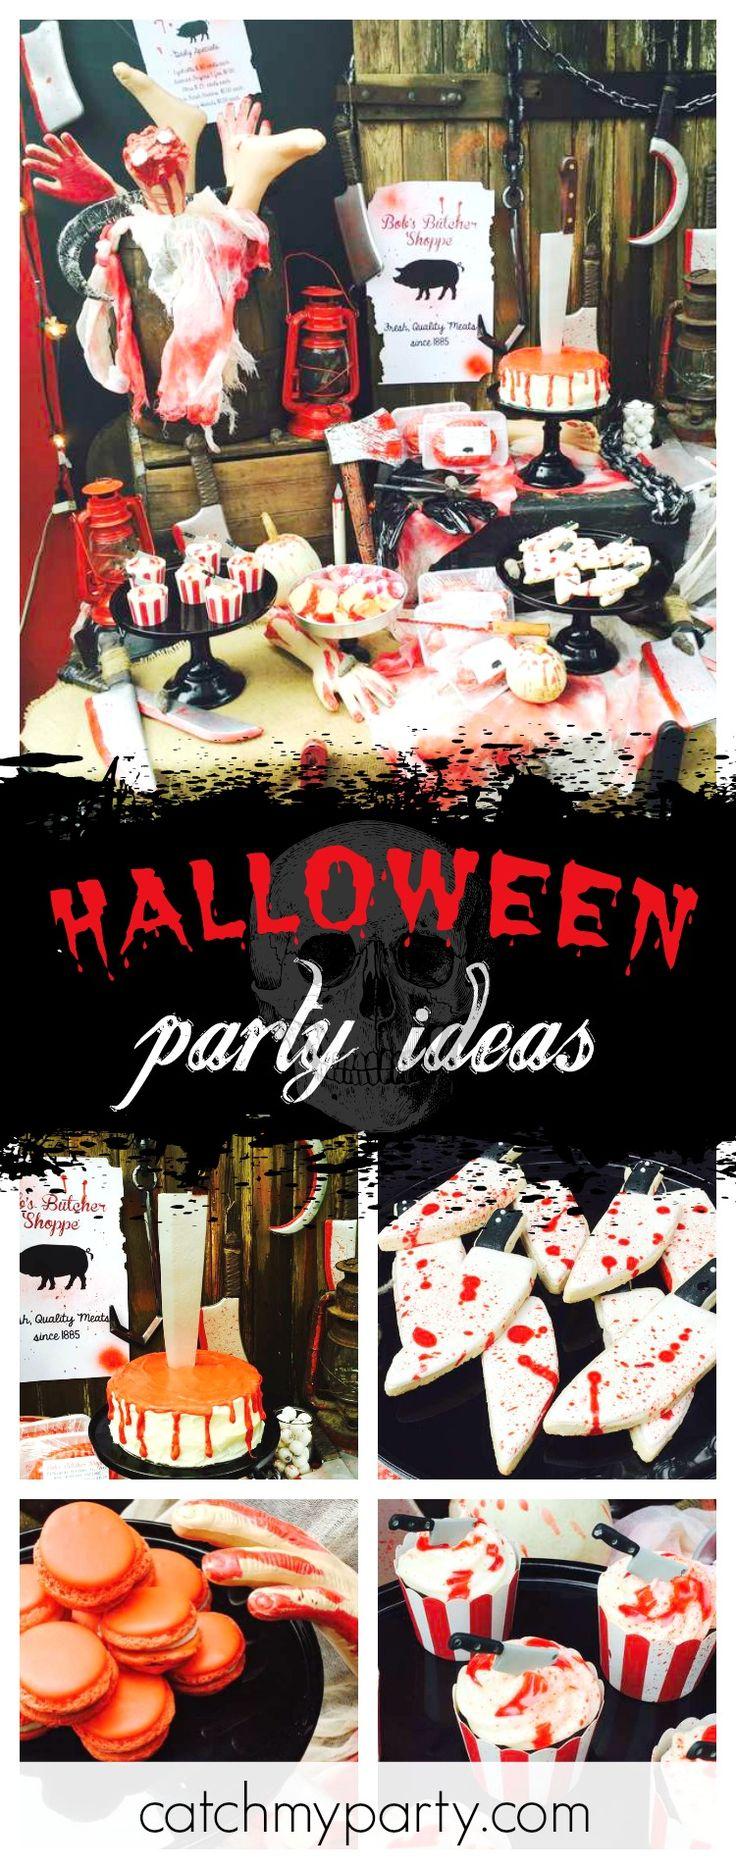 Butcher Shop/Halloween / Halloween